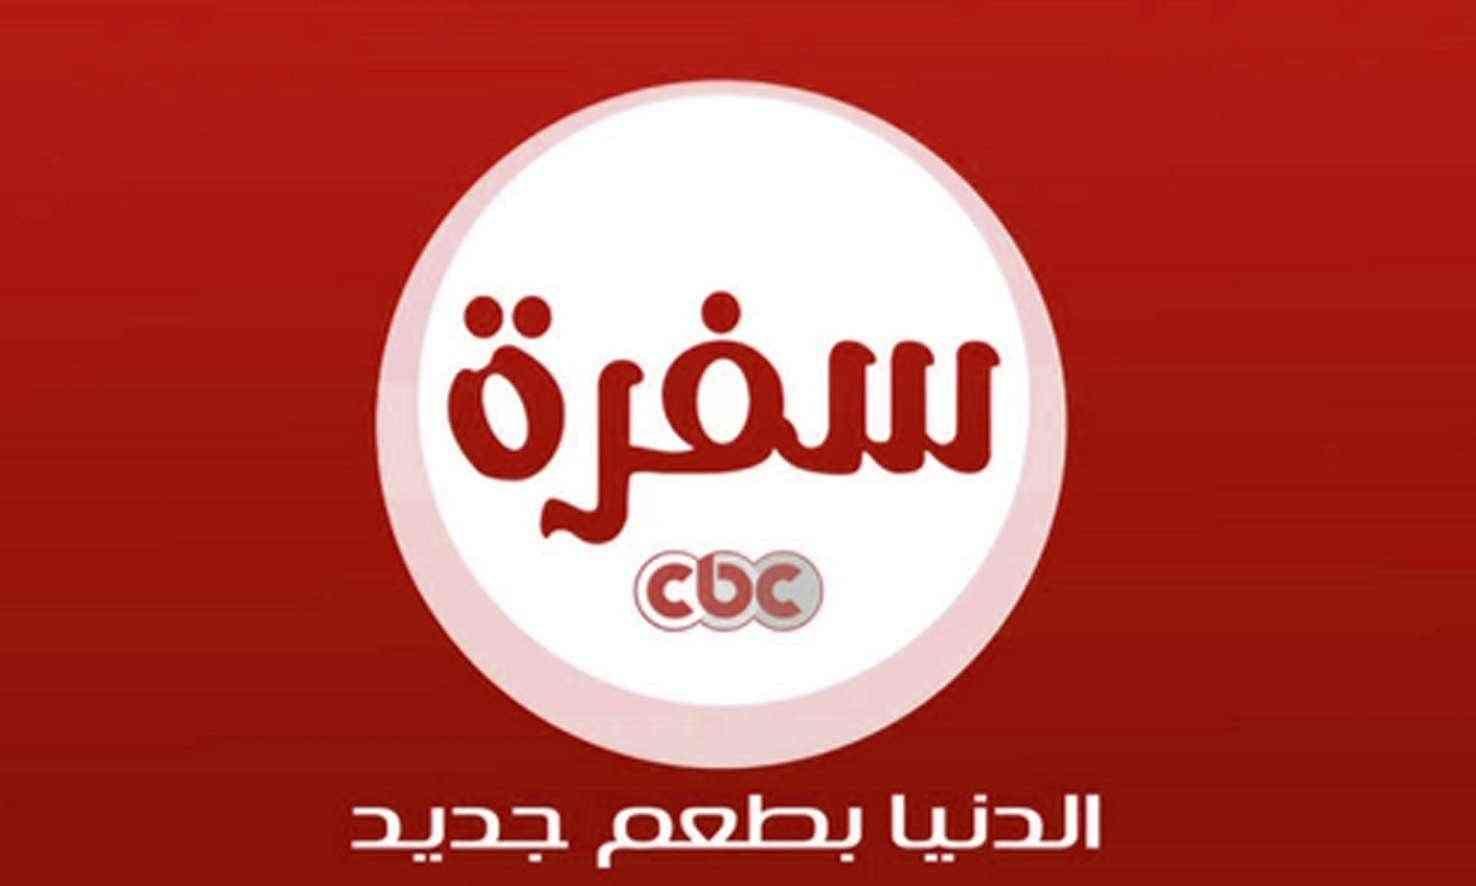 تردد قناة Cbc سفرة 2020 قناة Cbc سفرة الجديد على النايل سات Gaming Logos Logos